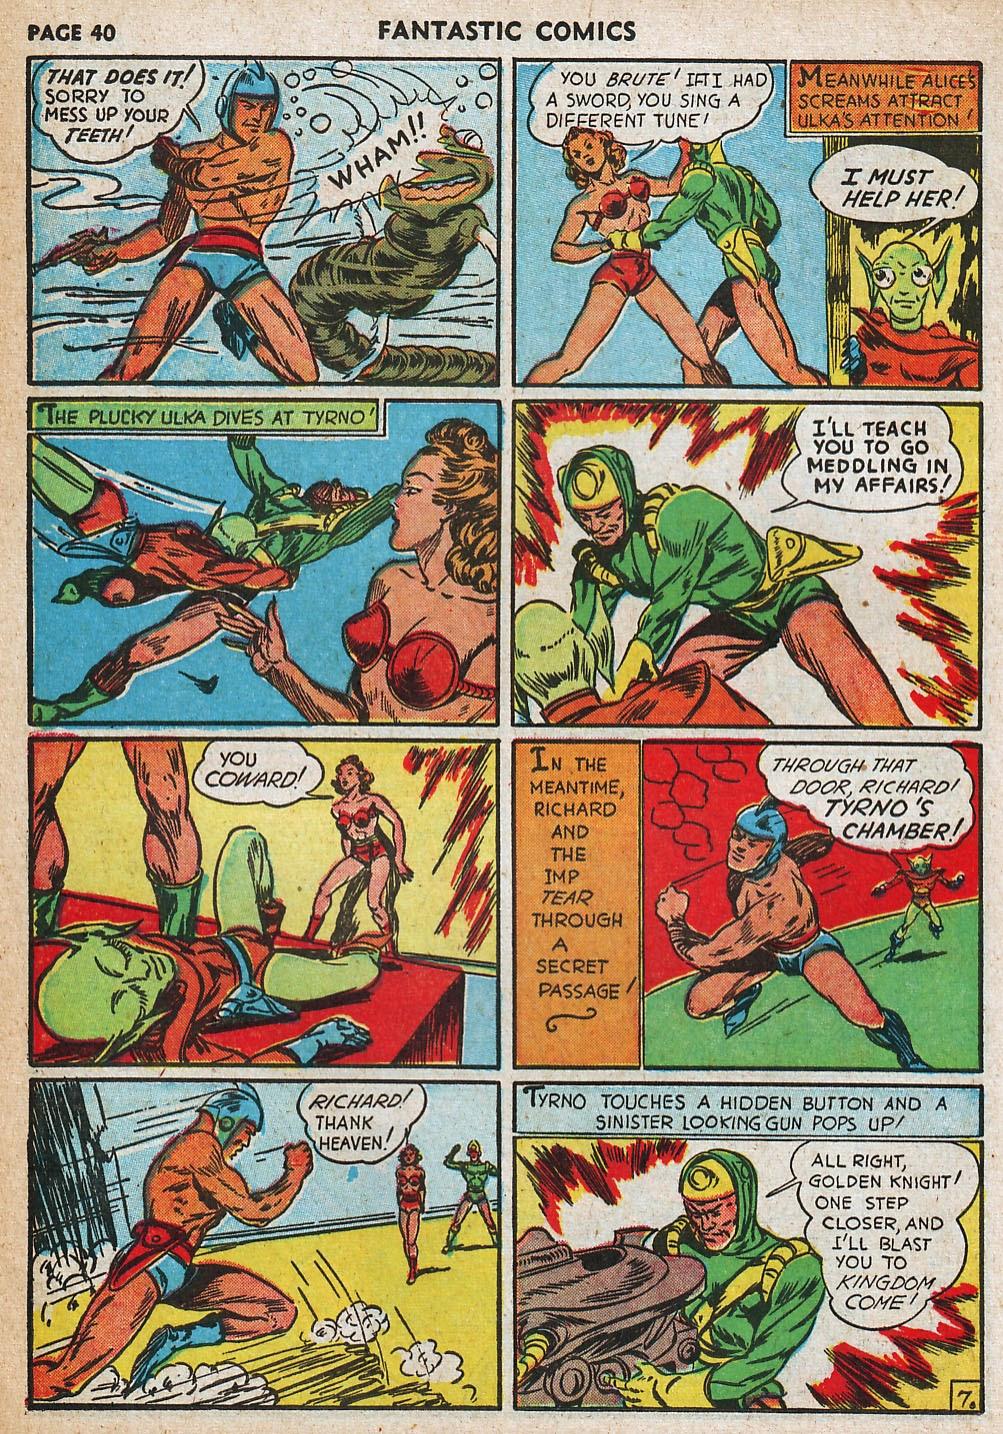 Read online Fantastic Comics comic -  Issue #20 - 40